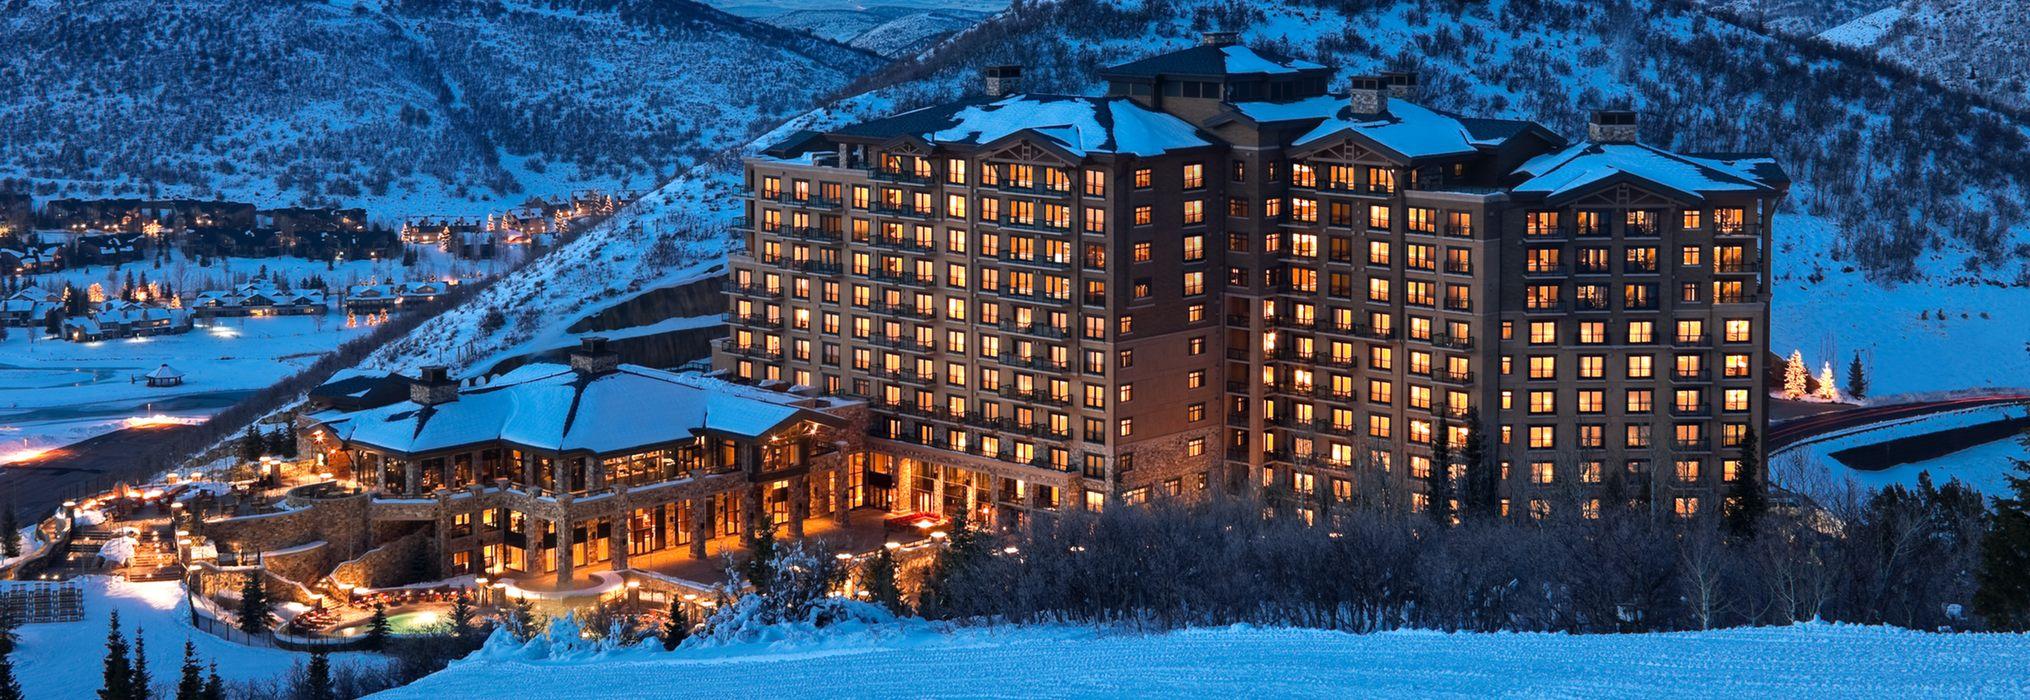 deer valley ski lodge resort